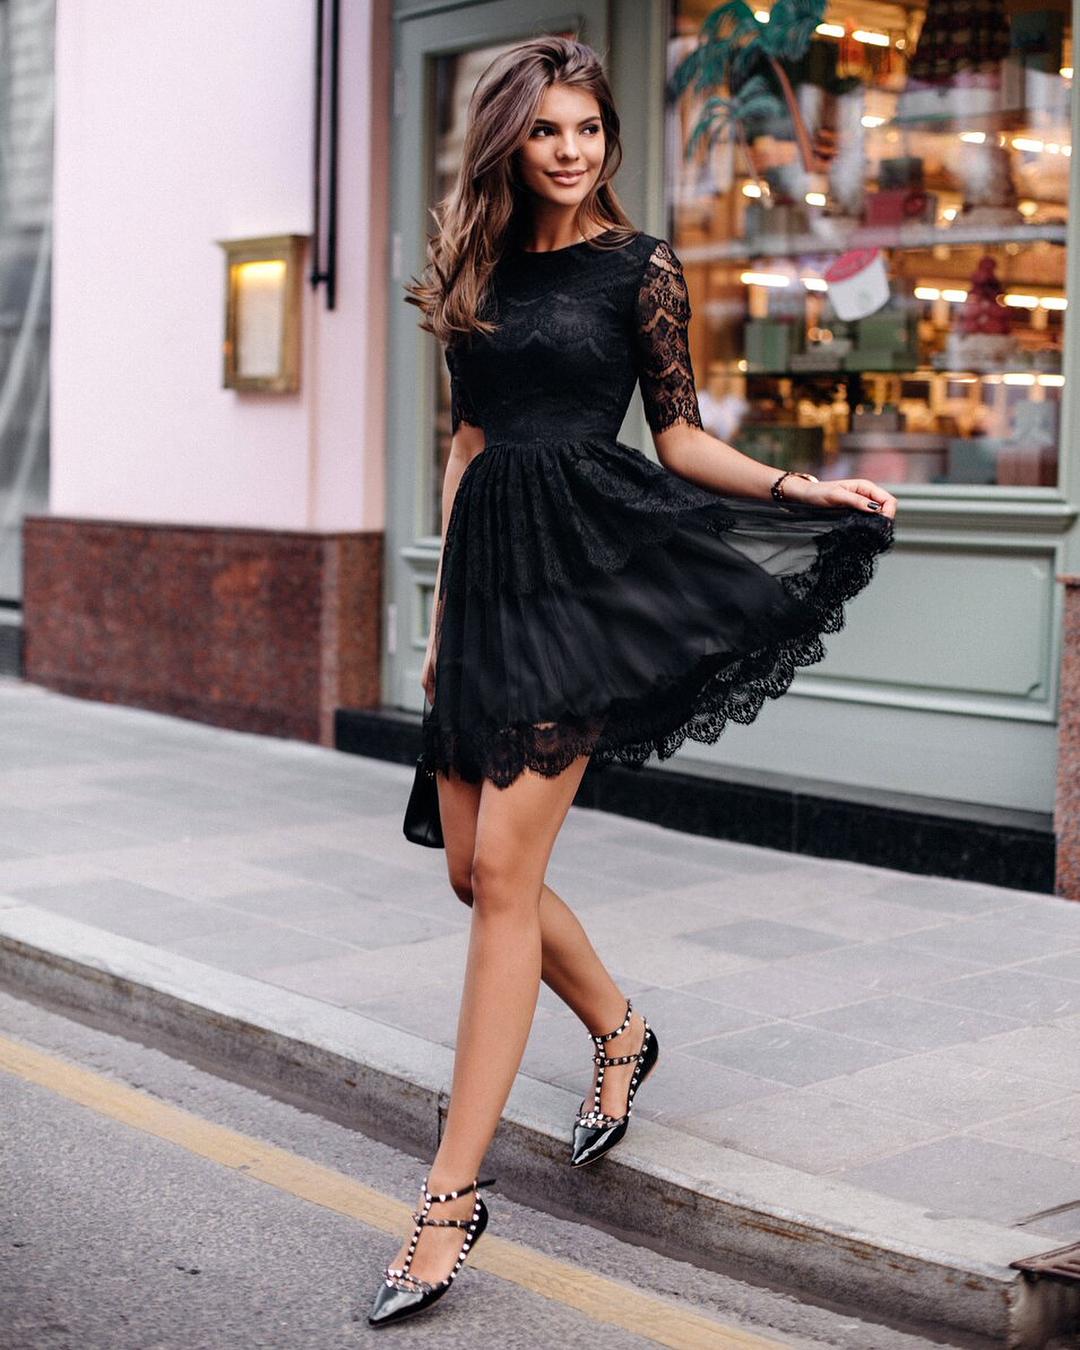 Какие платья лучше всего сочетаются с обувью без каблука : Лучшие образы рекомендации